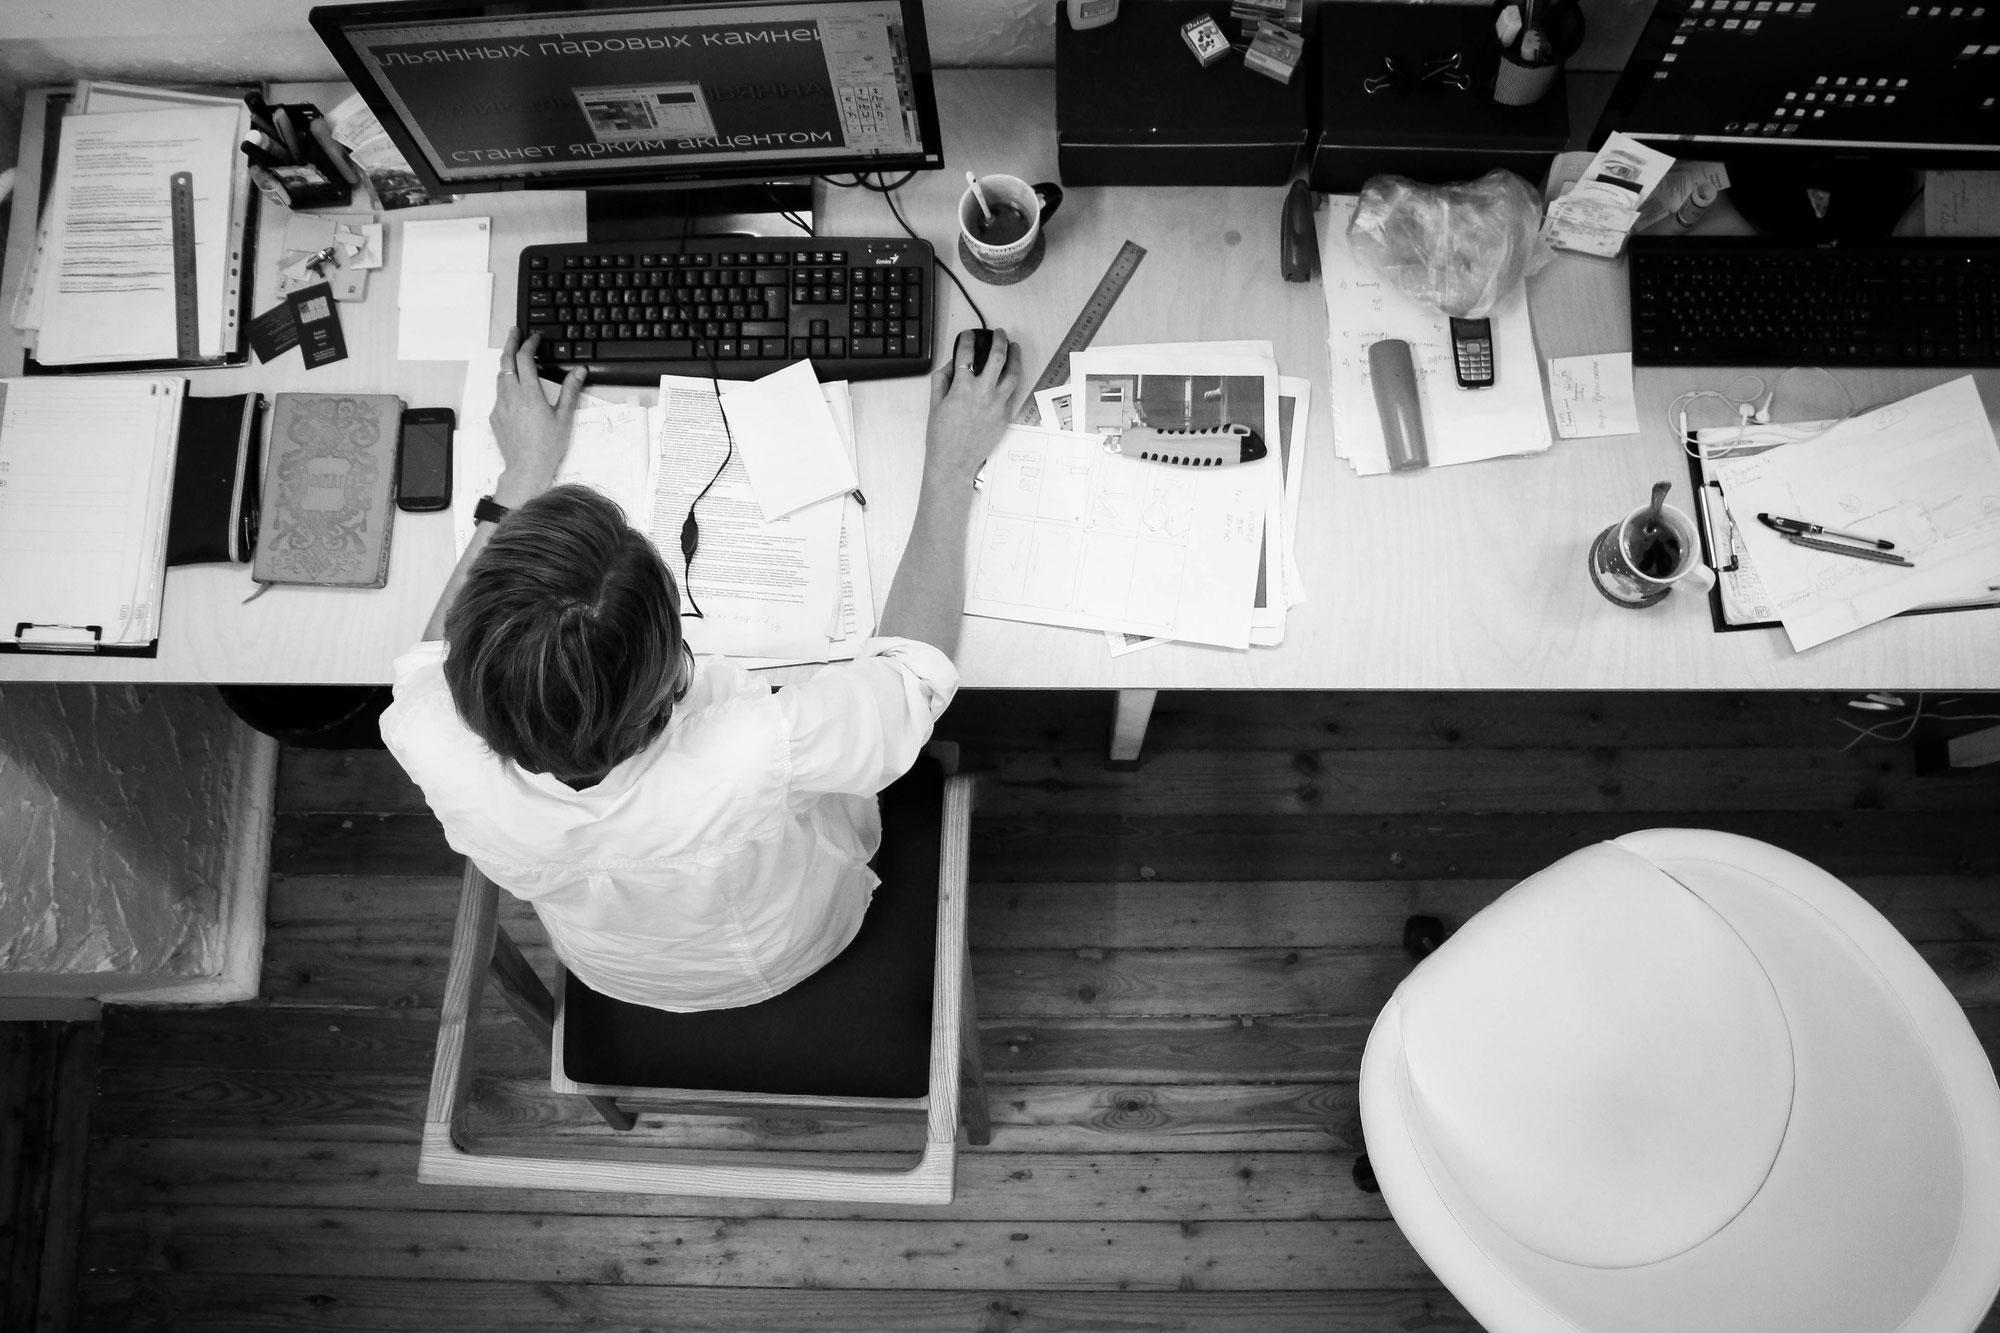 Immer weniger Menschen in Kurzarbeit -Rückgang verlangsamt sich